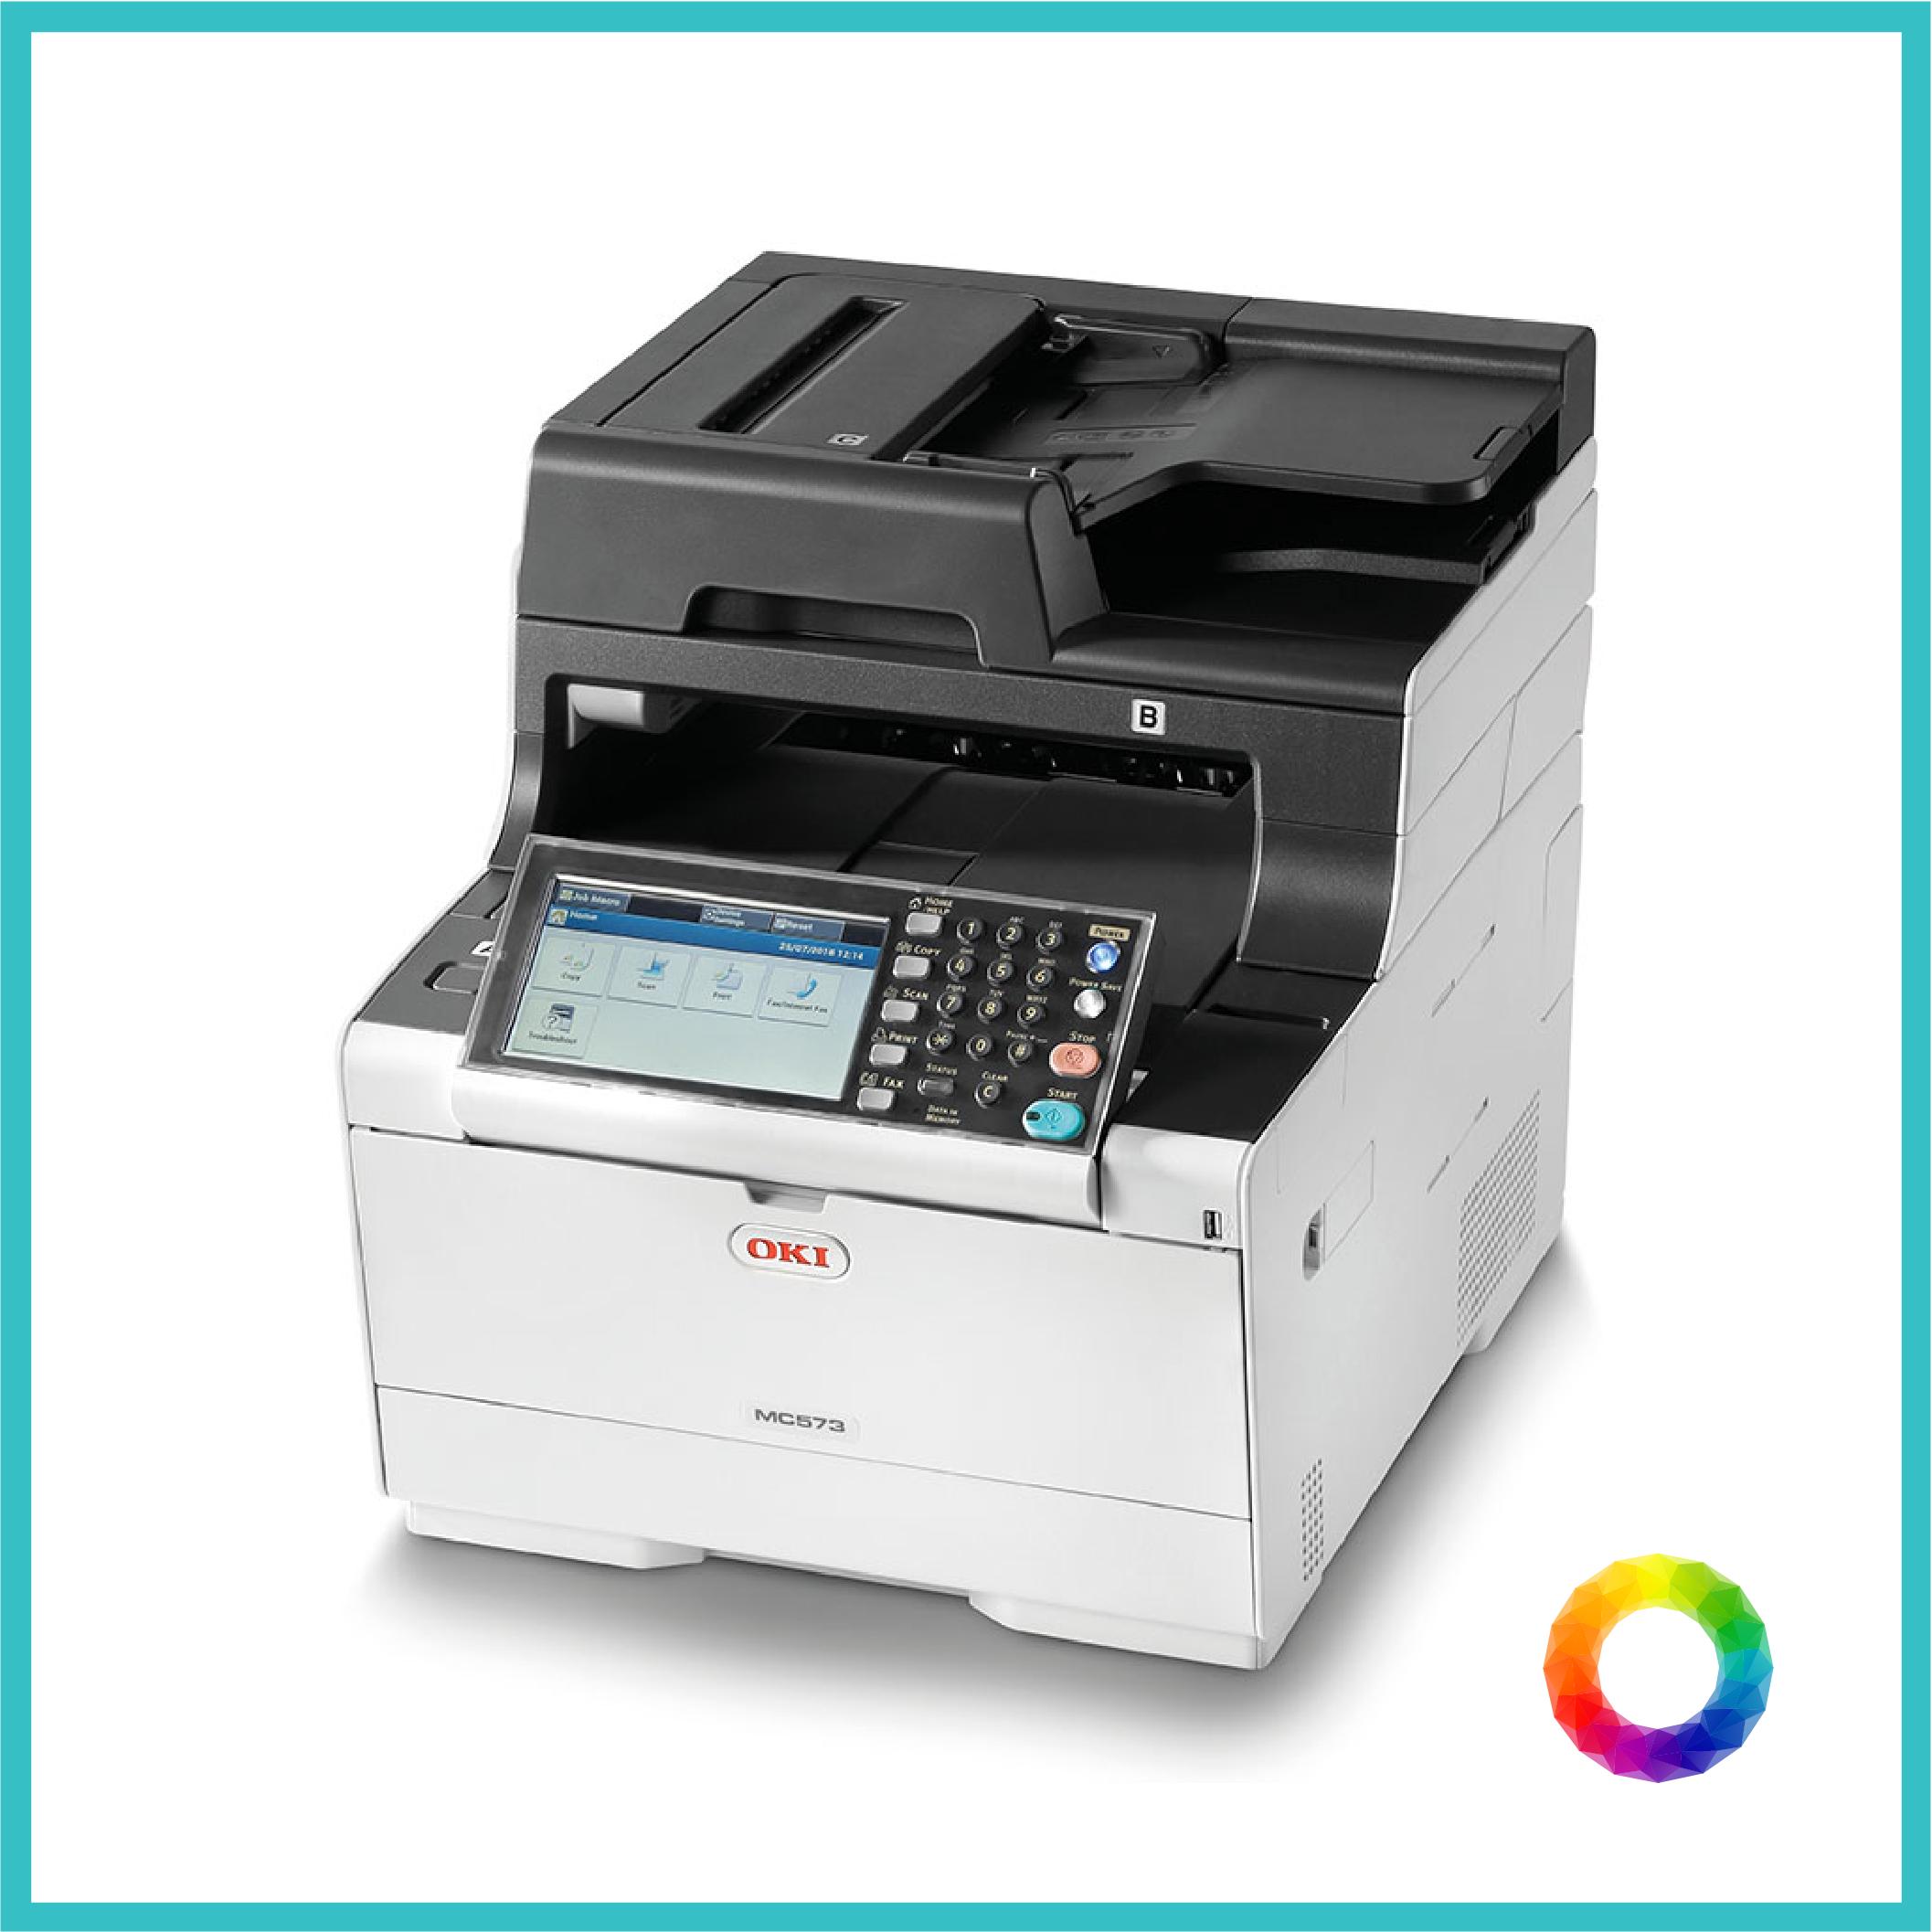 multipurpose OKI ES5473 photocopier